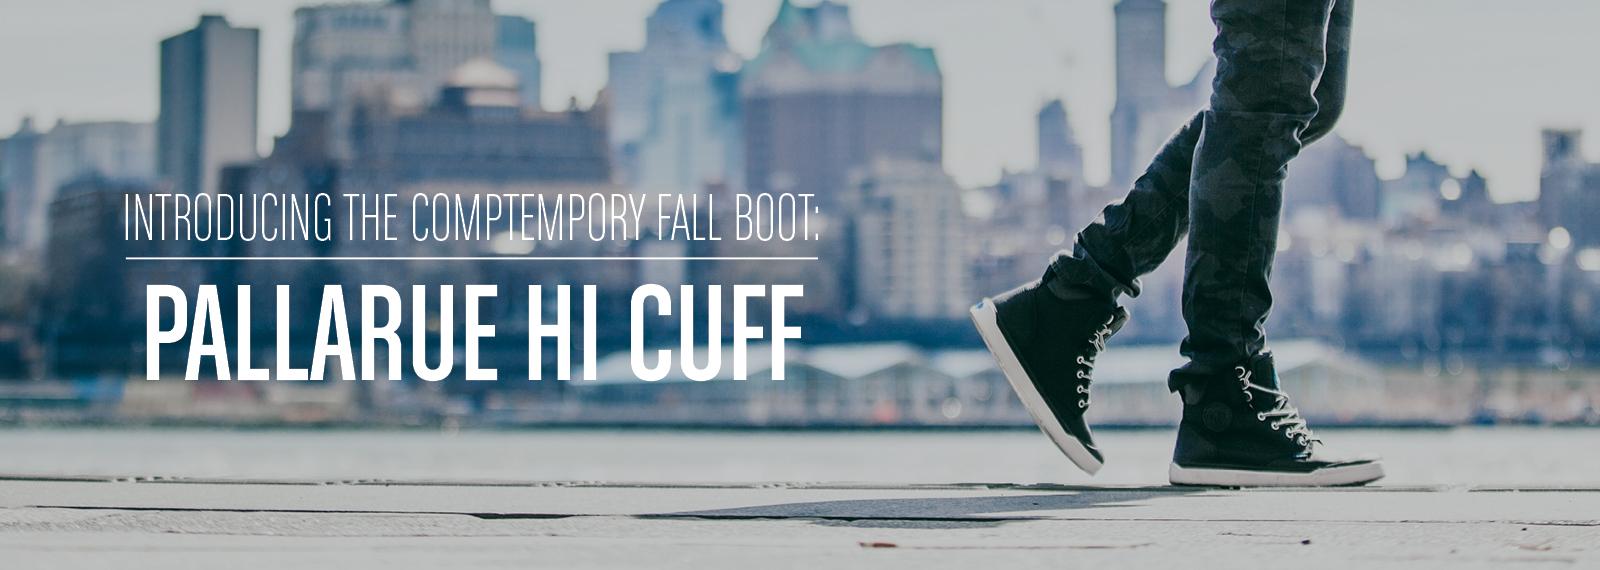 Pallarue Hi Cuff